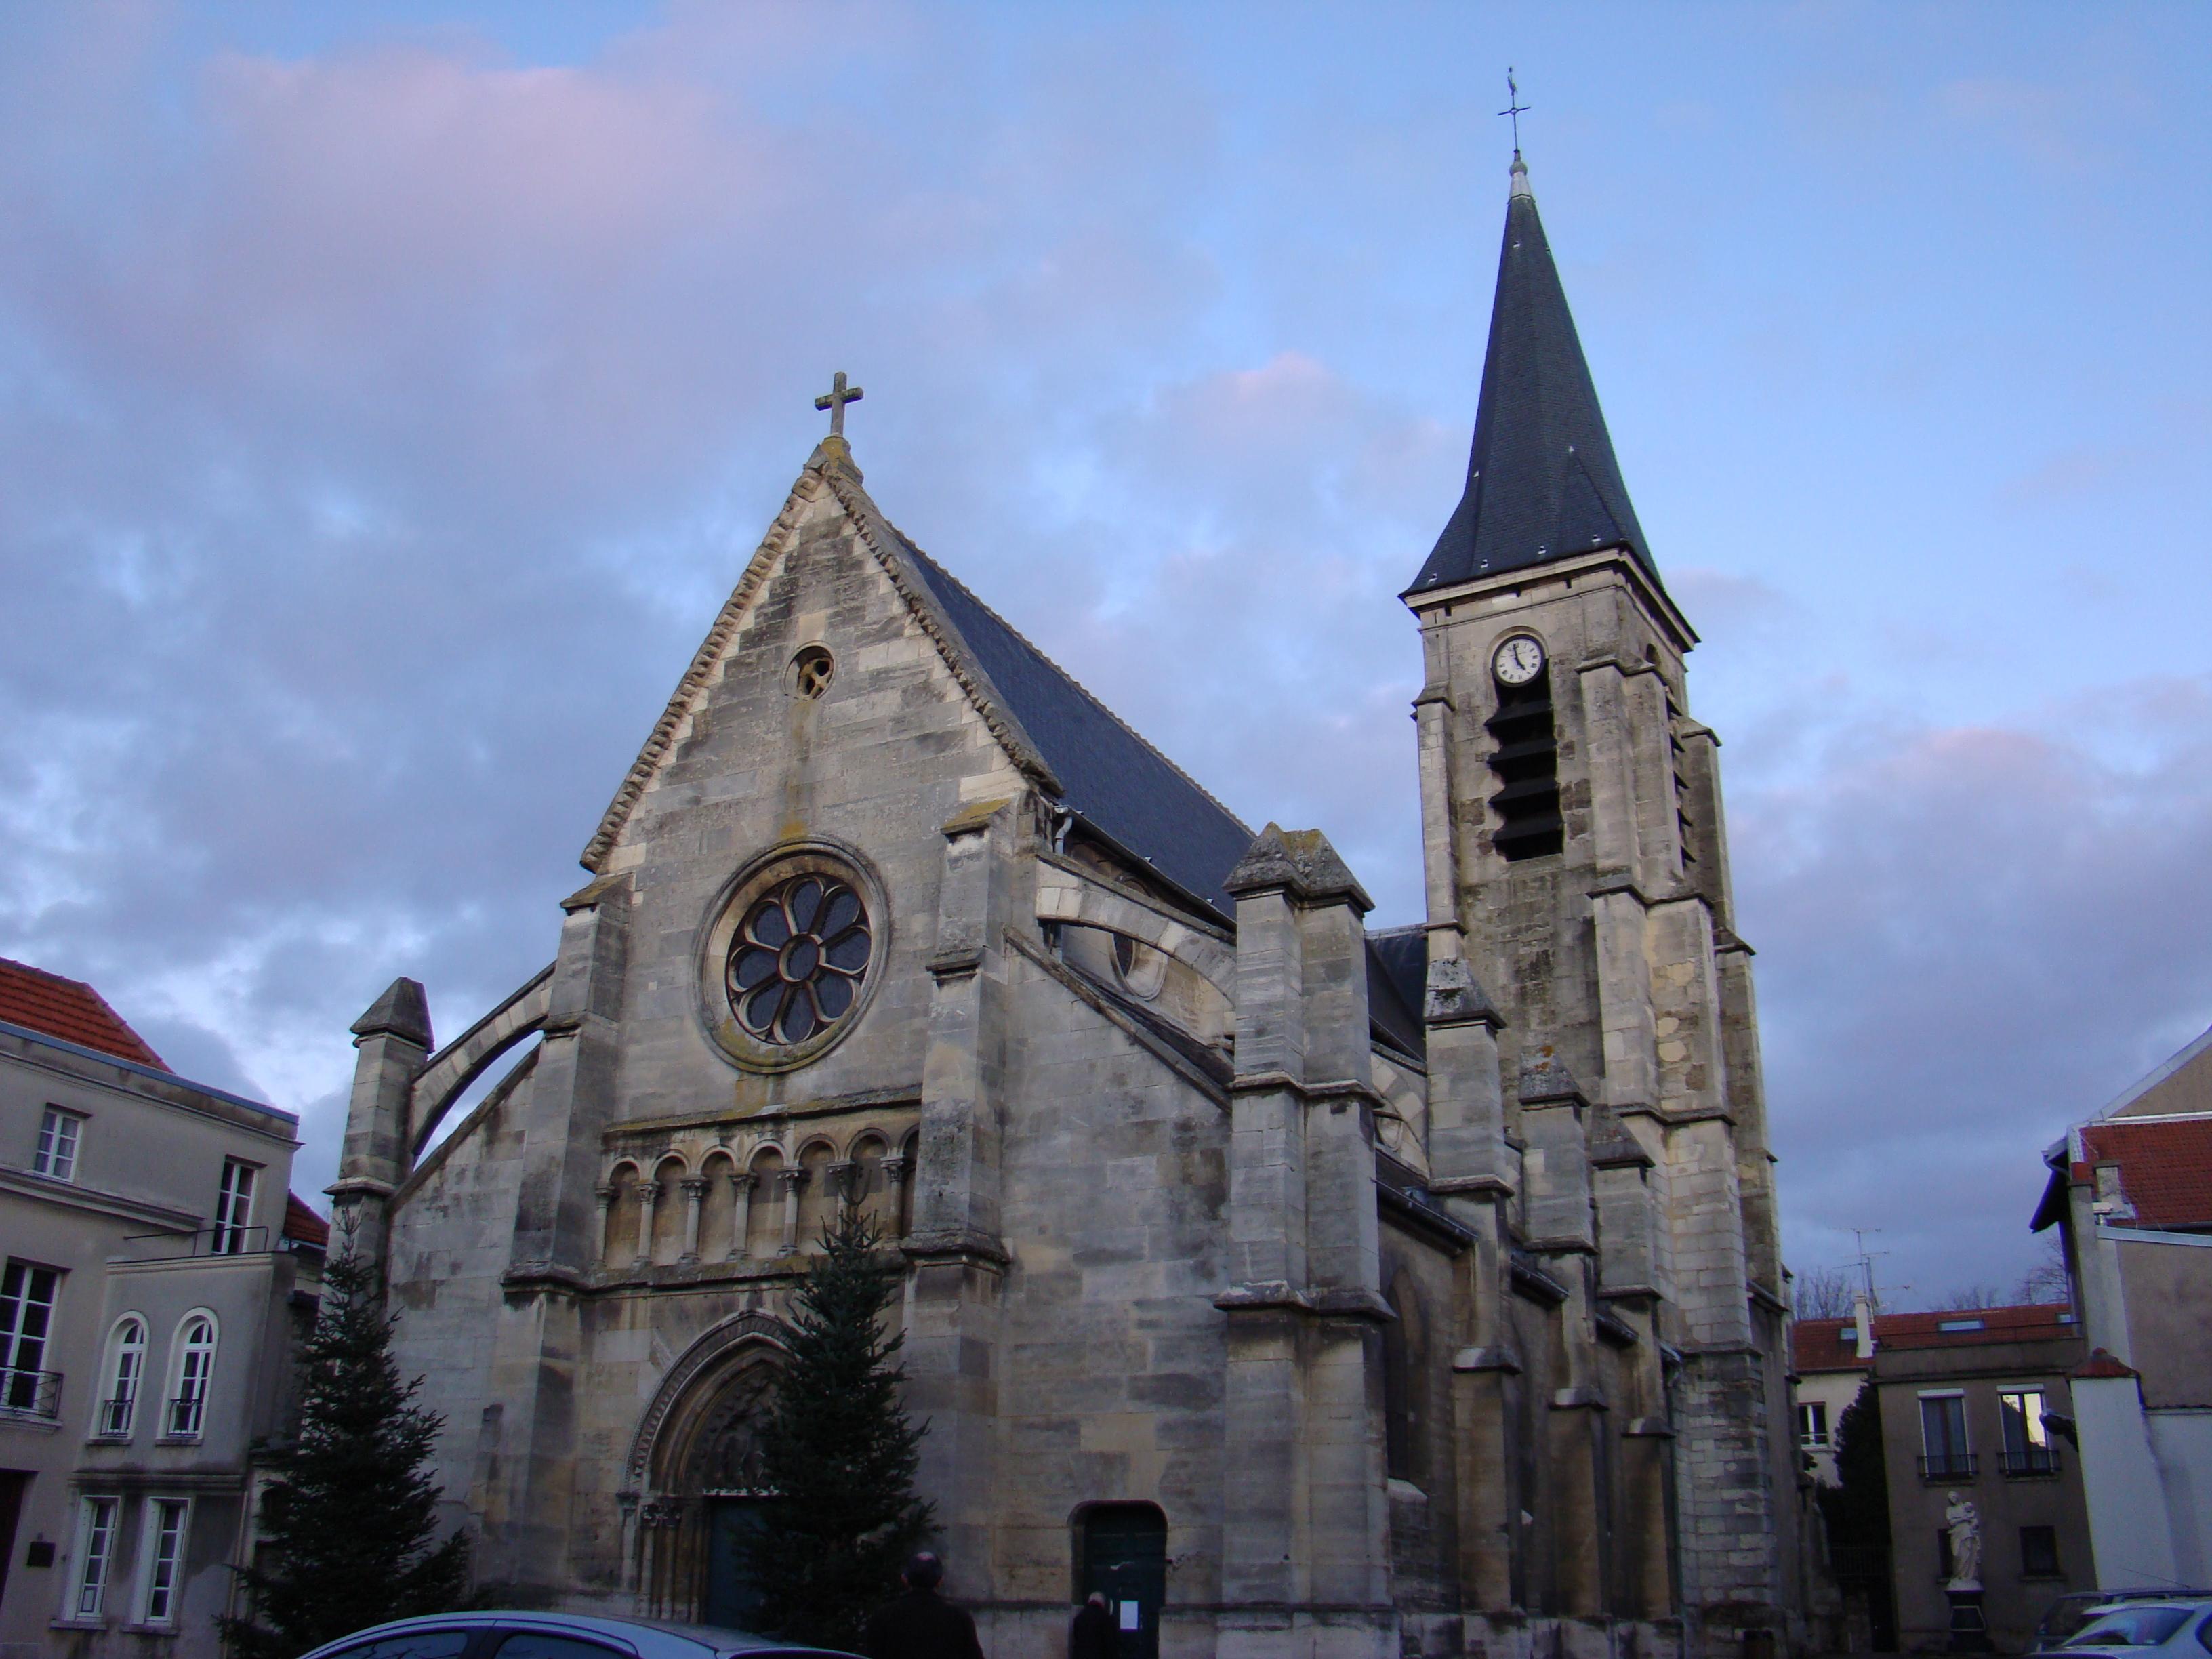 Bagneux, Hauts-de-Seine